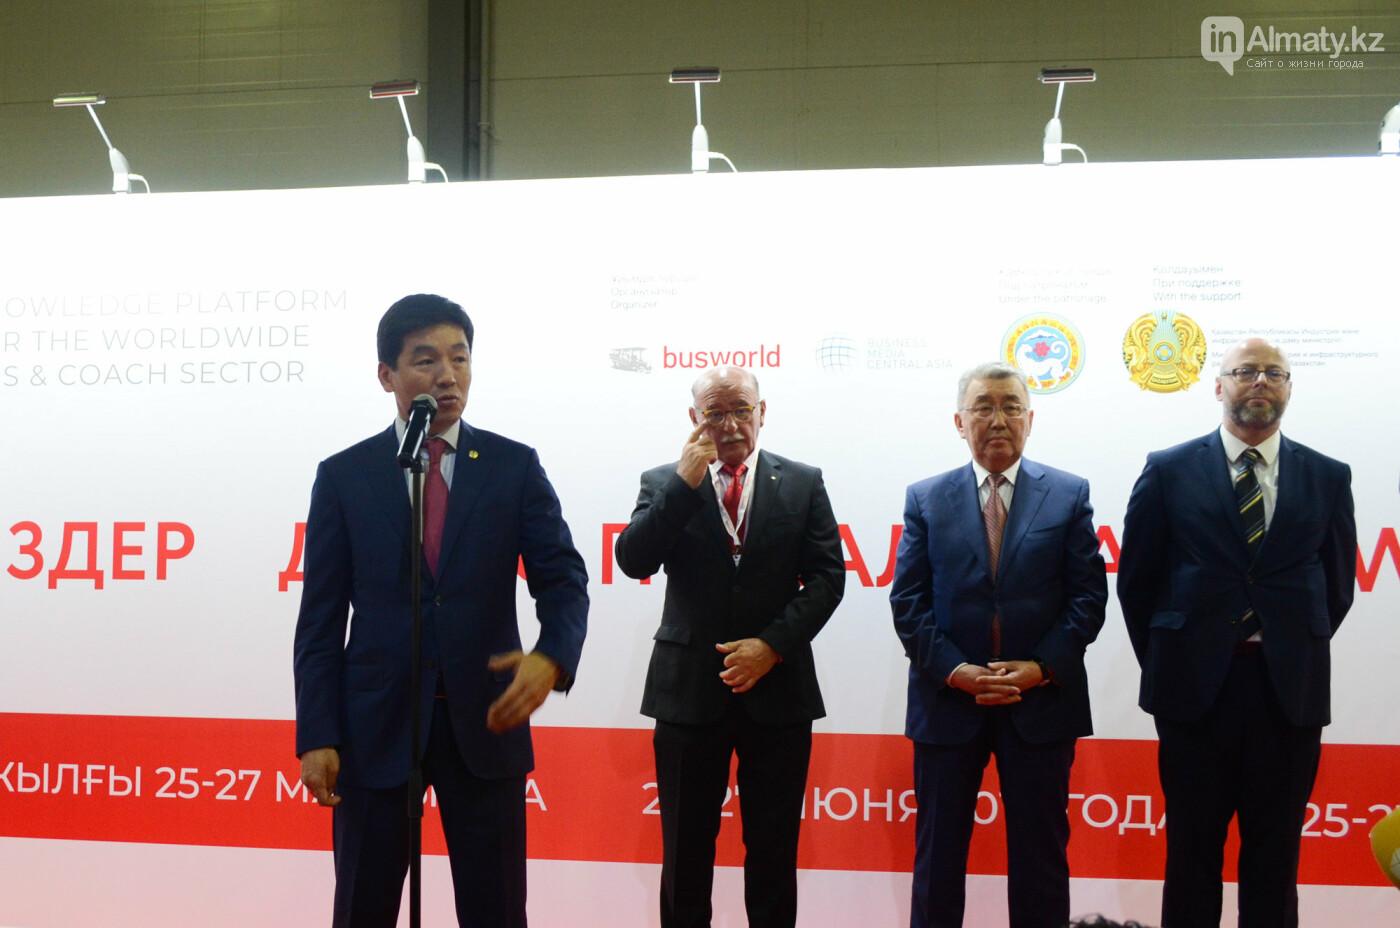 Новейшие автобусы из шести стран представили в Алматы, фото-1